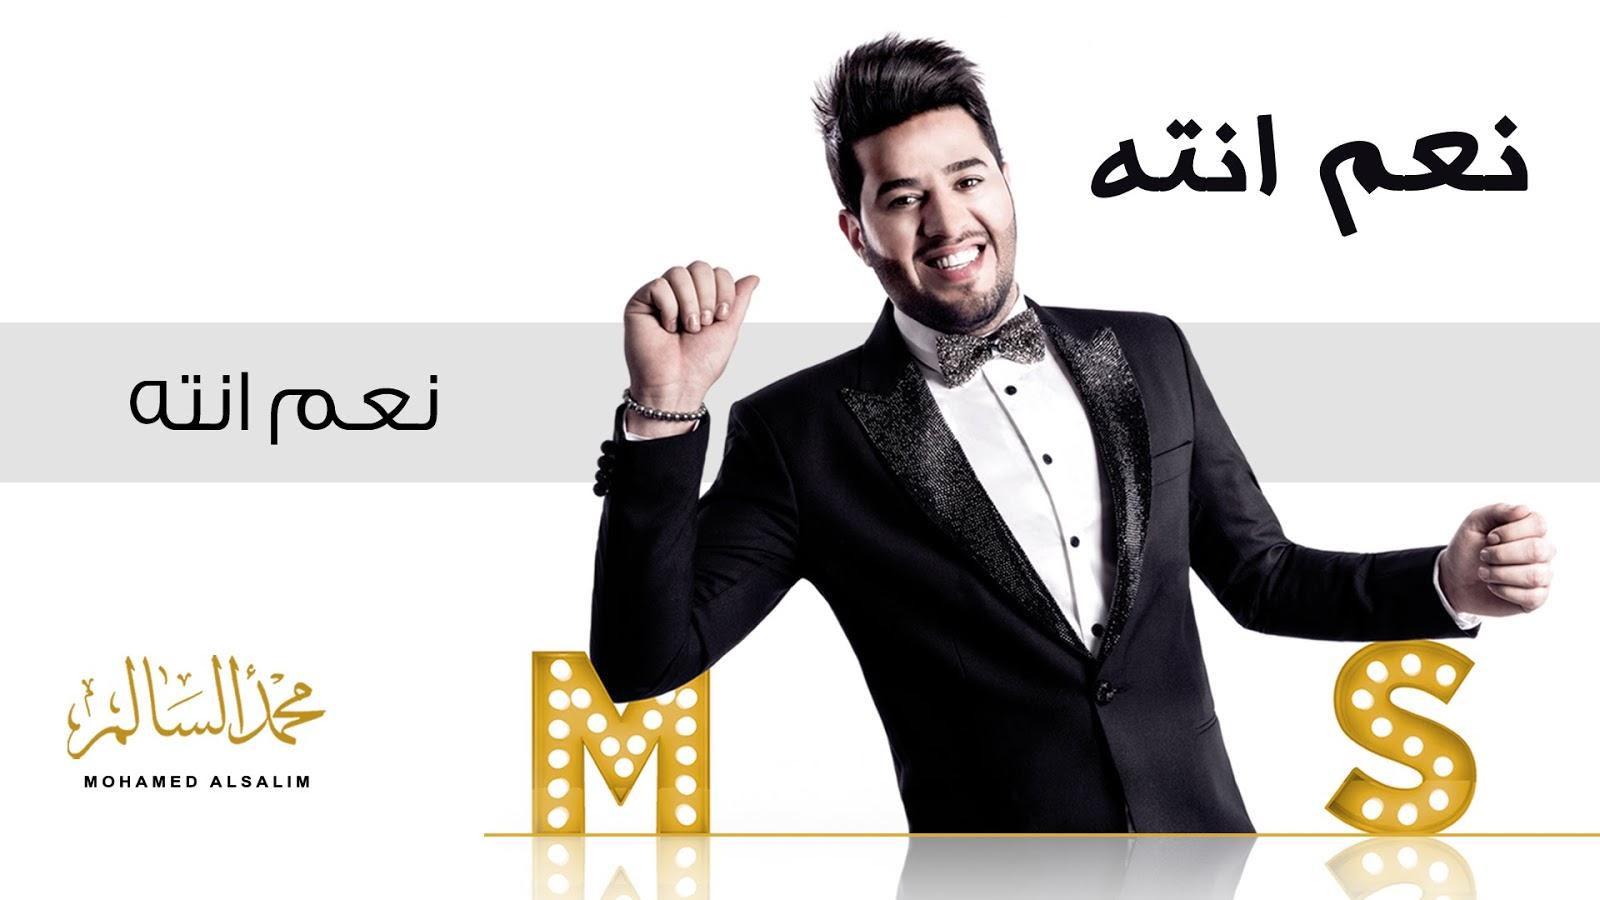 تحميل اغنية محمد السالم نعم انته